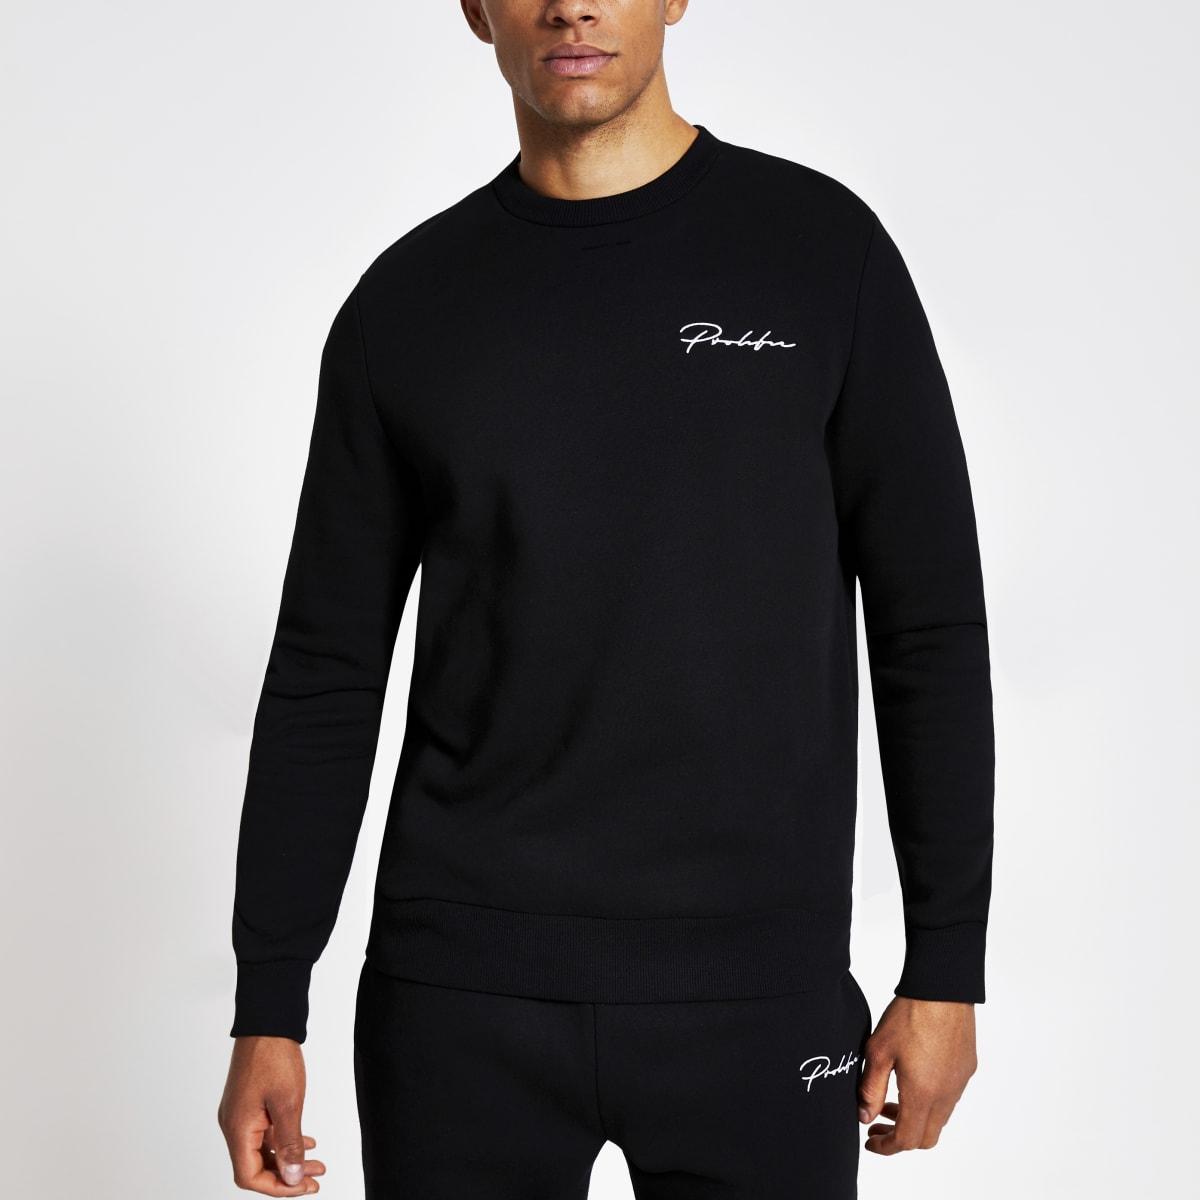 Prolific - Zwarte slim-fit sweater